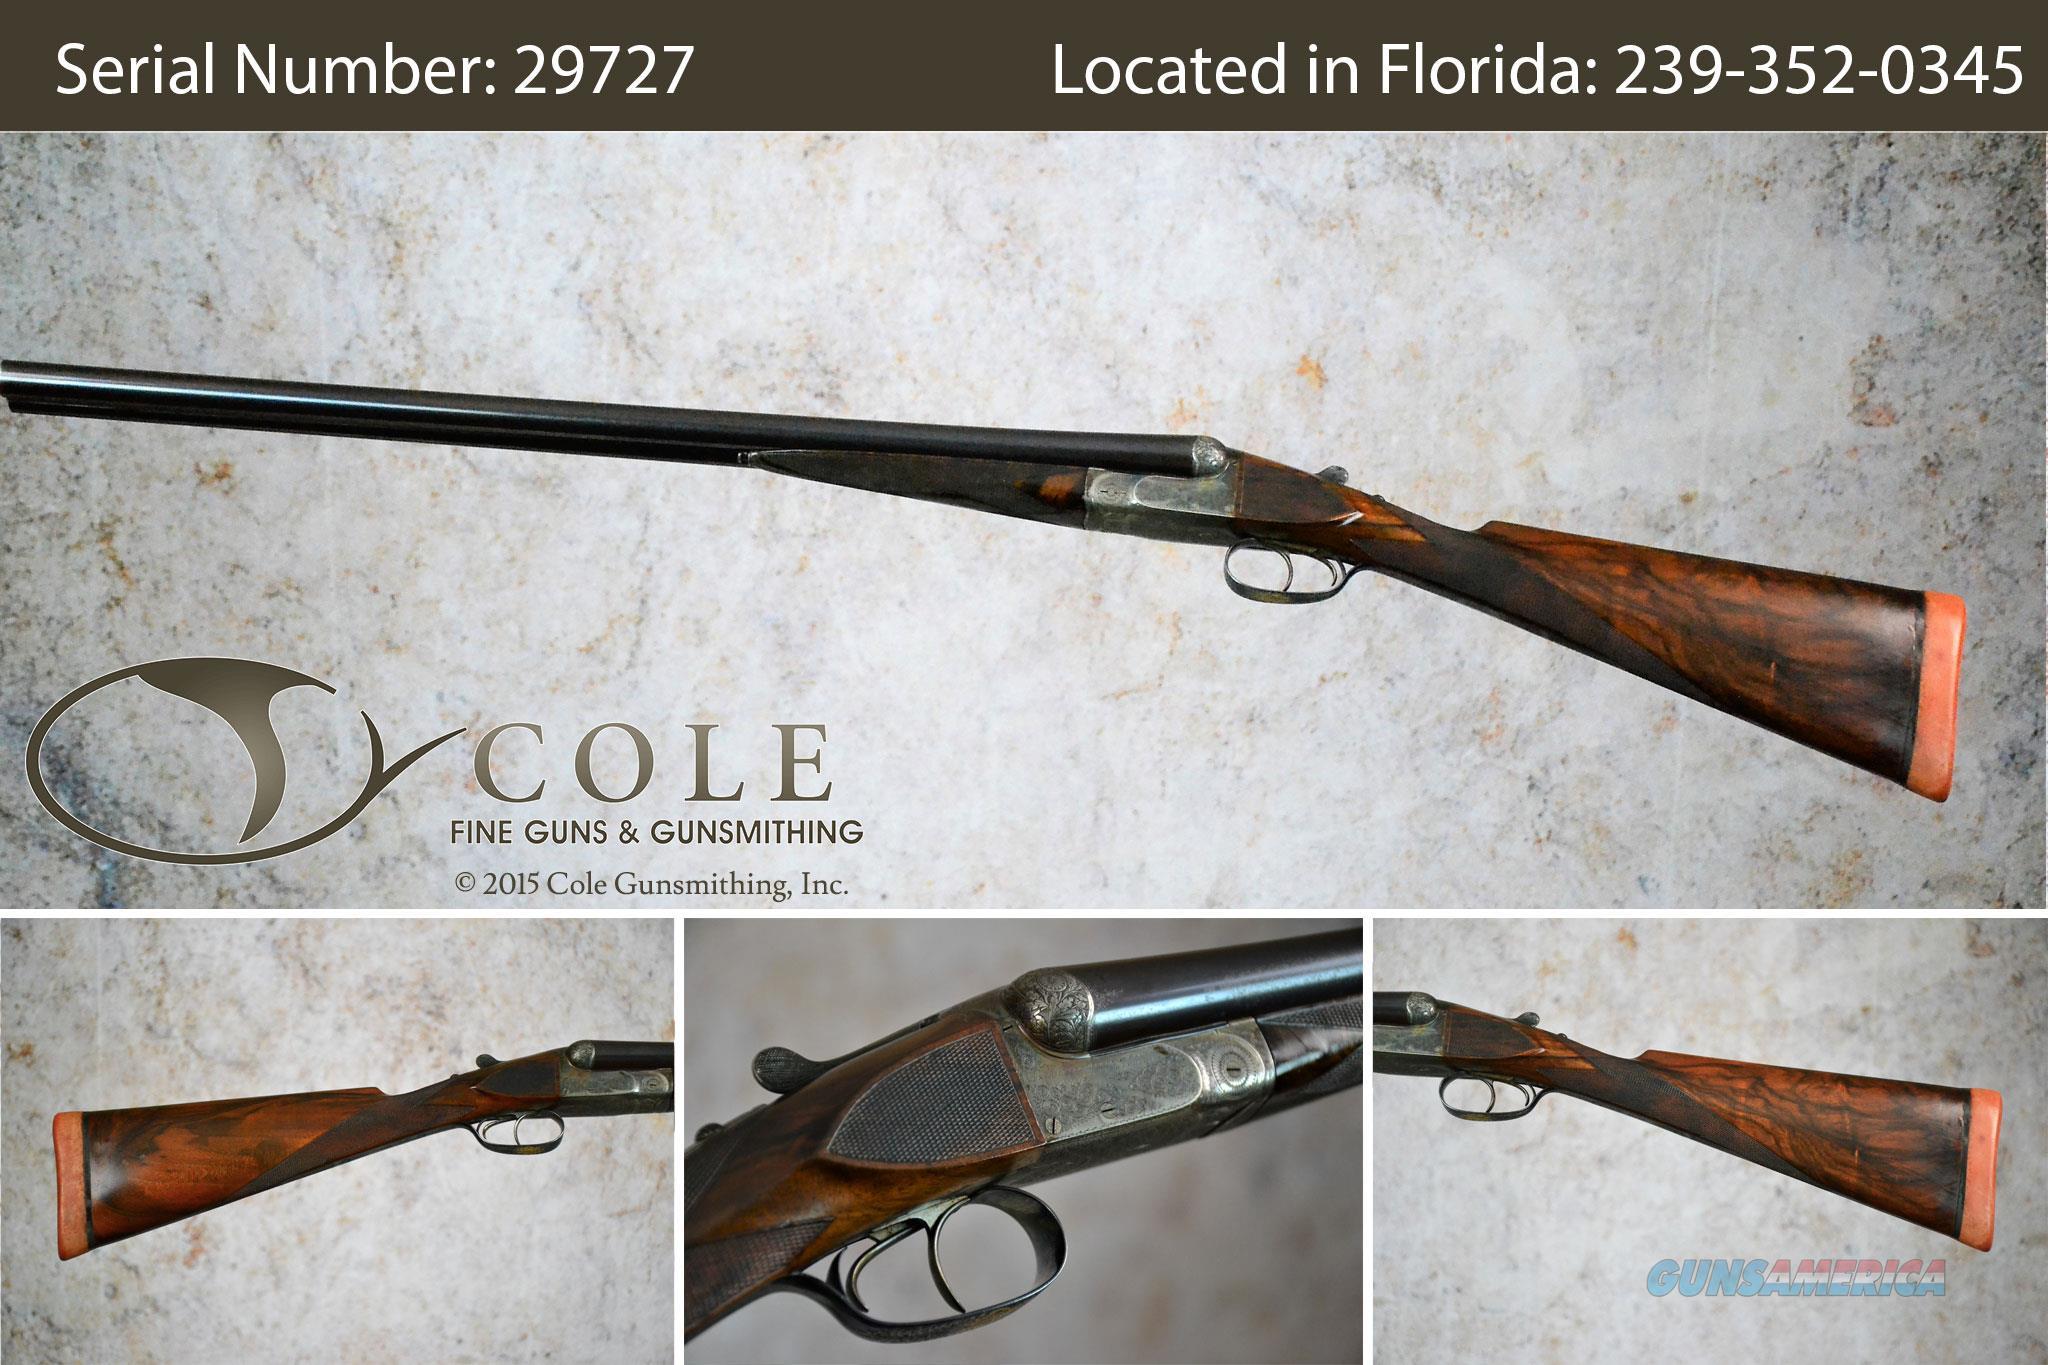 """Francotte 12ga SxS 28"""" Pre-owned SN:29727  Guns > Shotguns > Francotte Shotguns"""